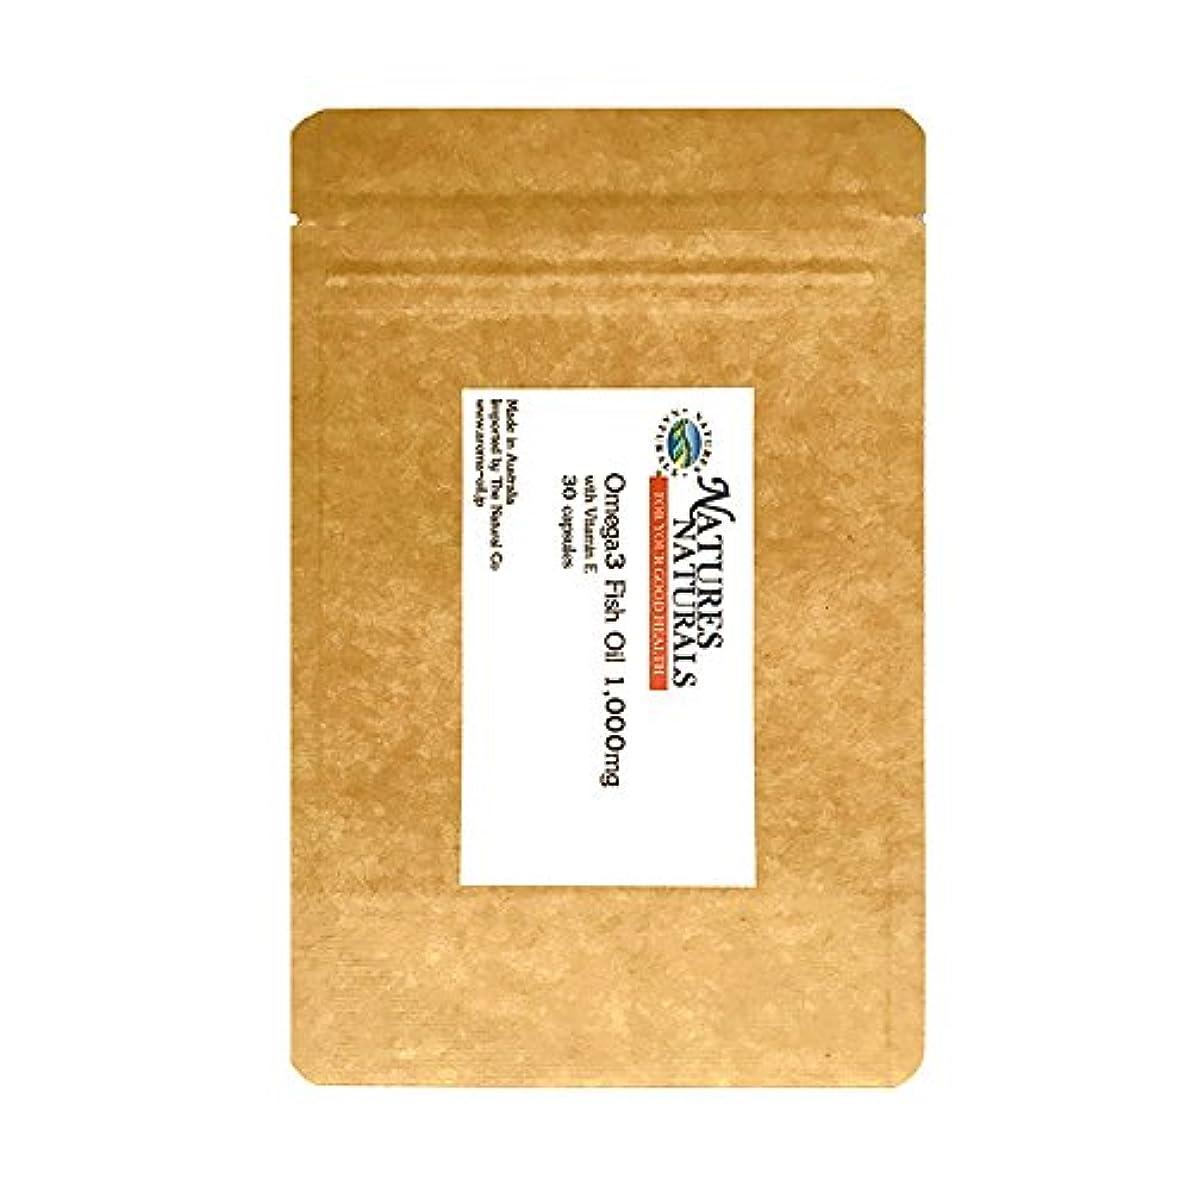 文句を言うケープ合計オメガ3 ビタミンE配合/DHA EPA 1,000mg オーストラリア産サプリメント/30錠 約1ヶ月分